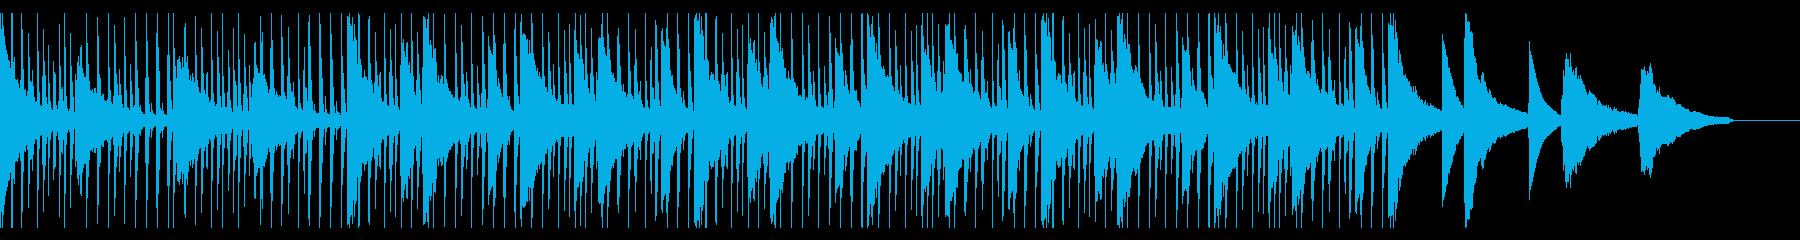 ネオソウル 爽やかソウルフルドラムの再生済みの波形